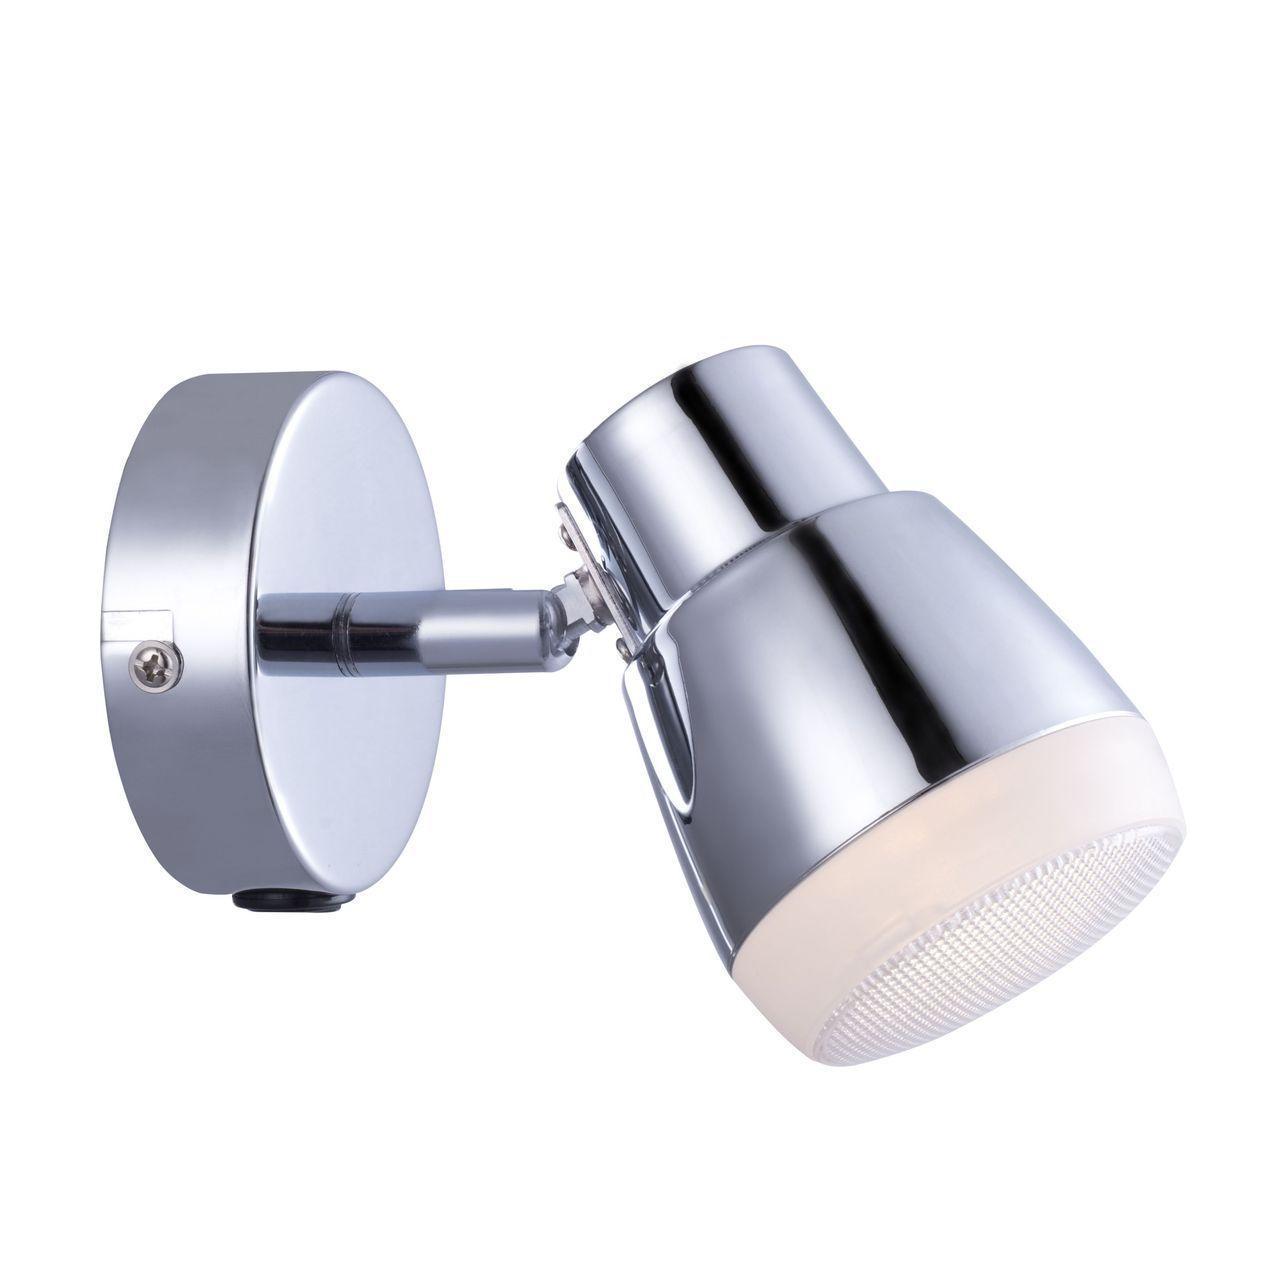 Светодиодный спот Arte Lamp Cuffia A5621AP-1CC arte lamp настенный спот arte lamp cuffia a5621ap 1cc